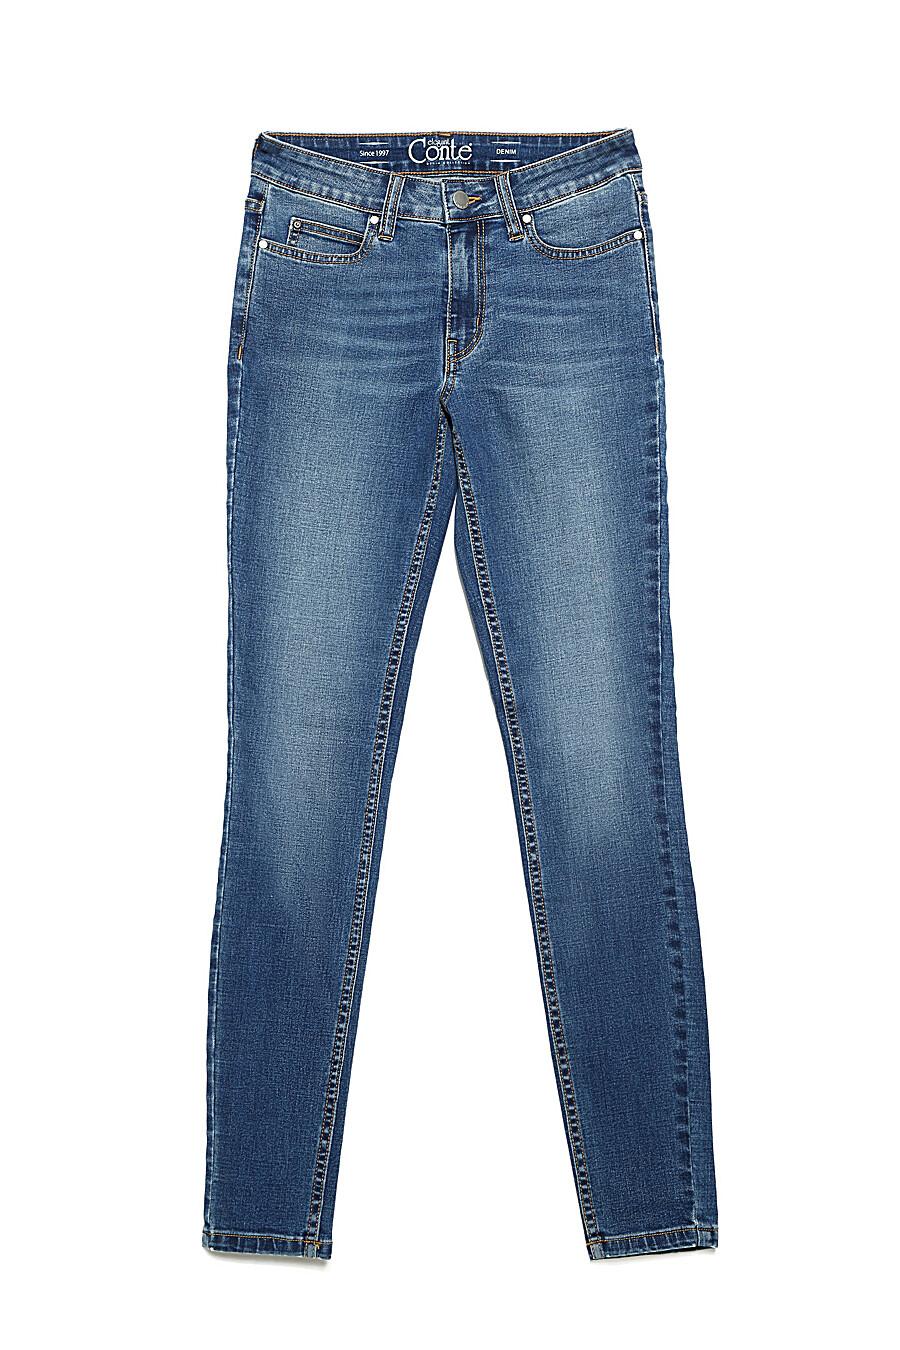 Джинсы для женщин CONTE ELEGANT 148329 купить оптом от производителя. Совместная покупка женской одежды в OptMoyo